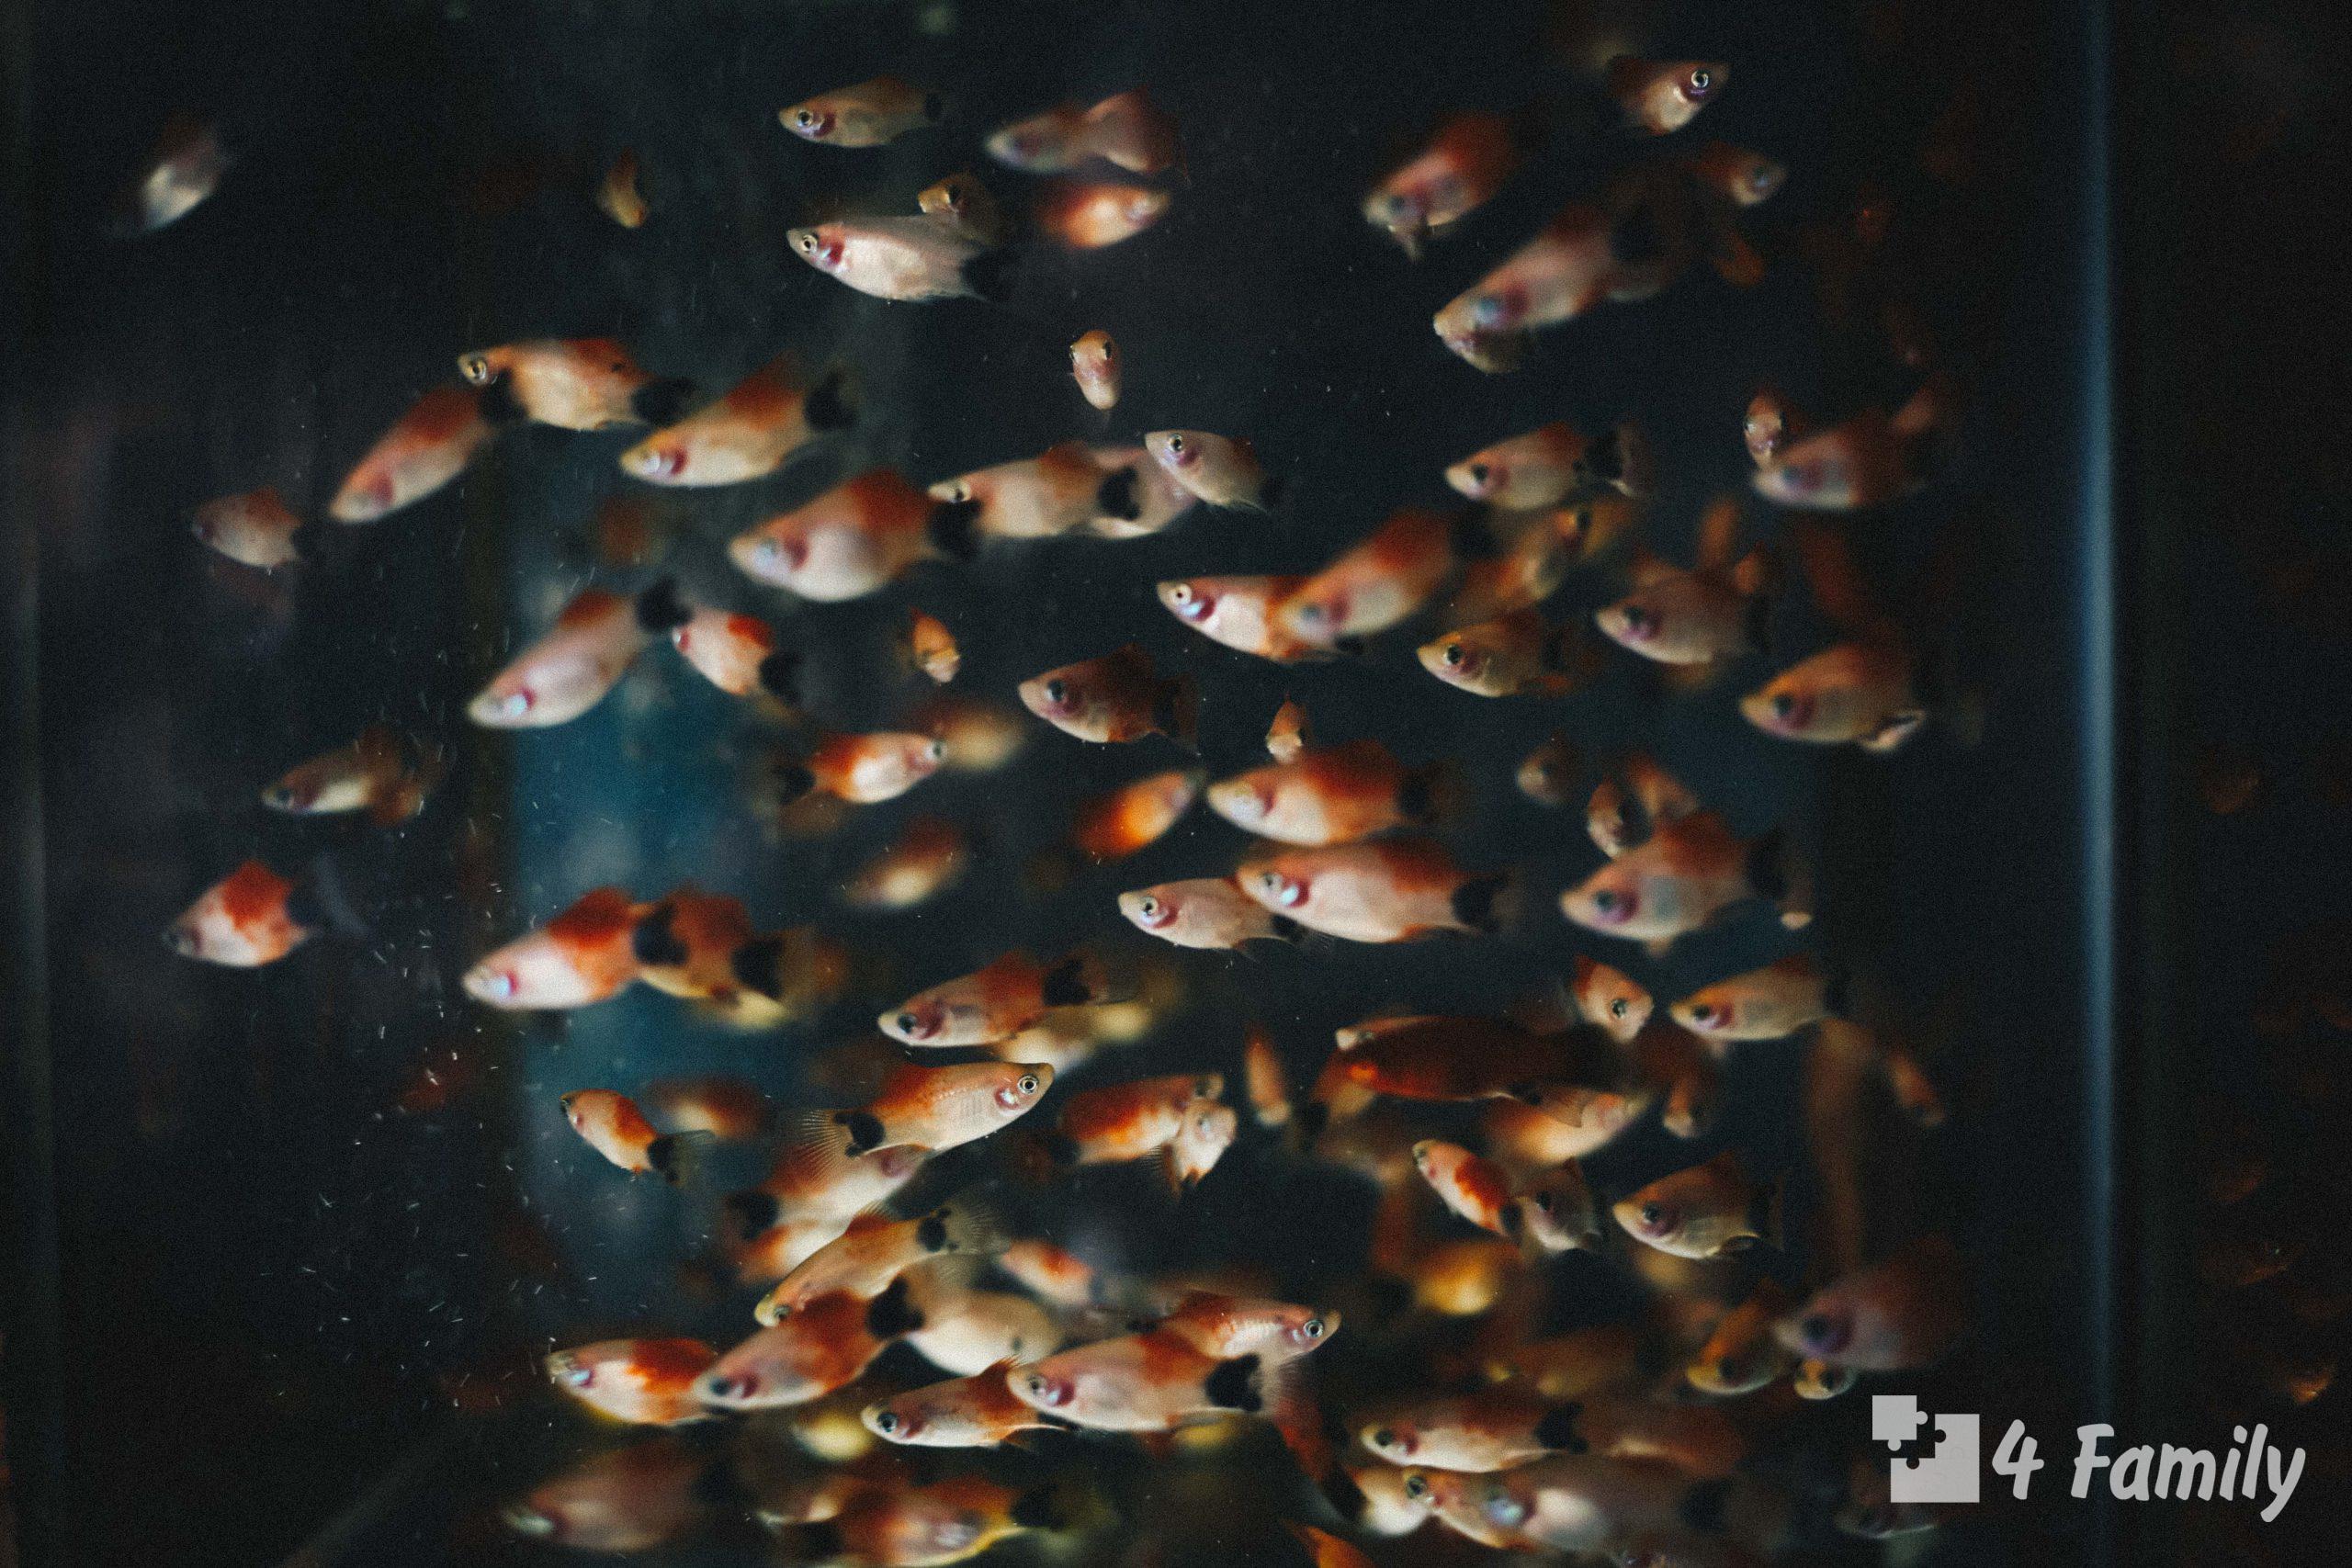 Какой аквариум лучше для дома